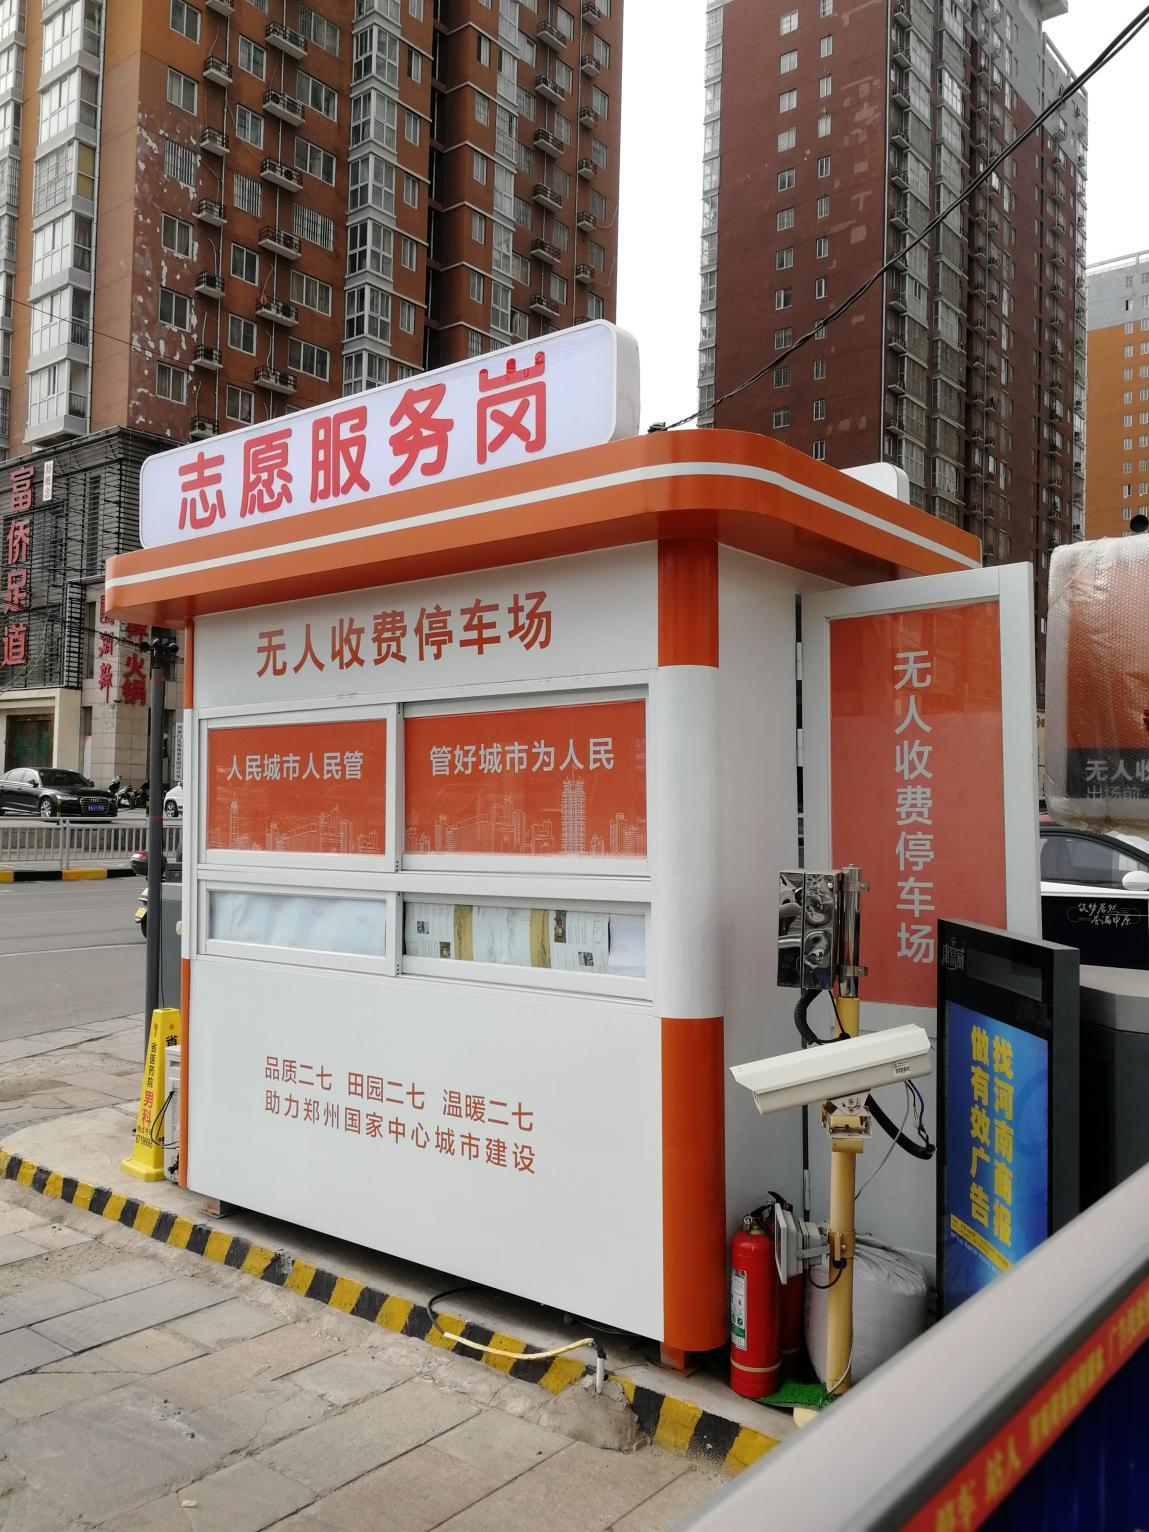 郑州二七万达外广场停车场